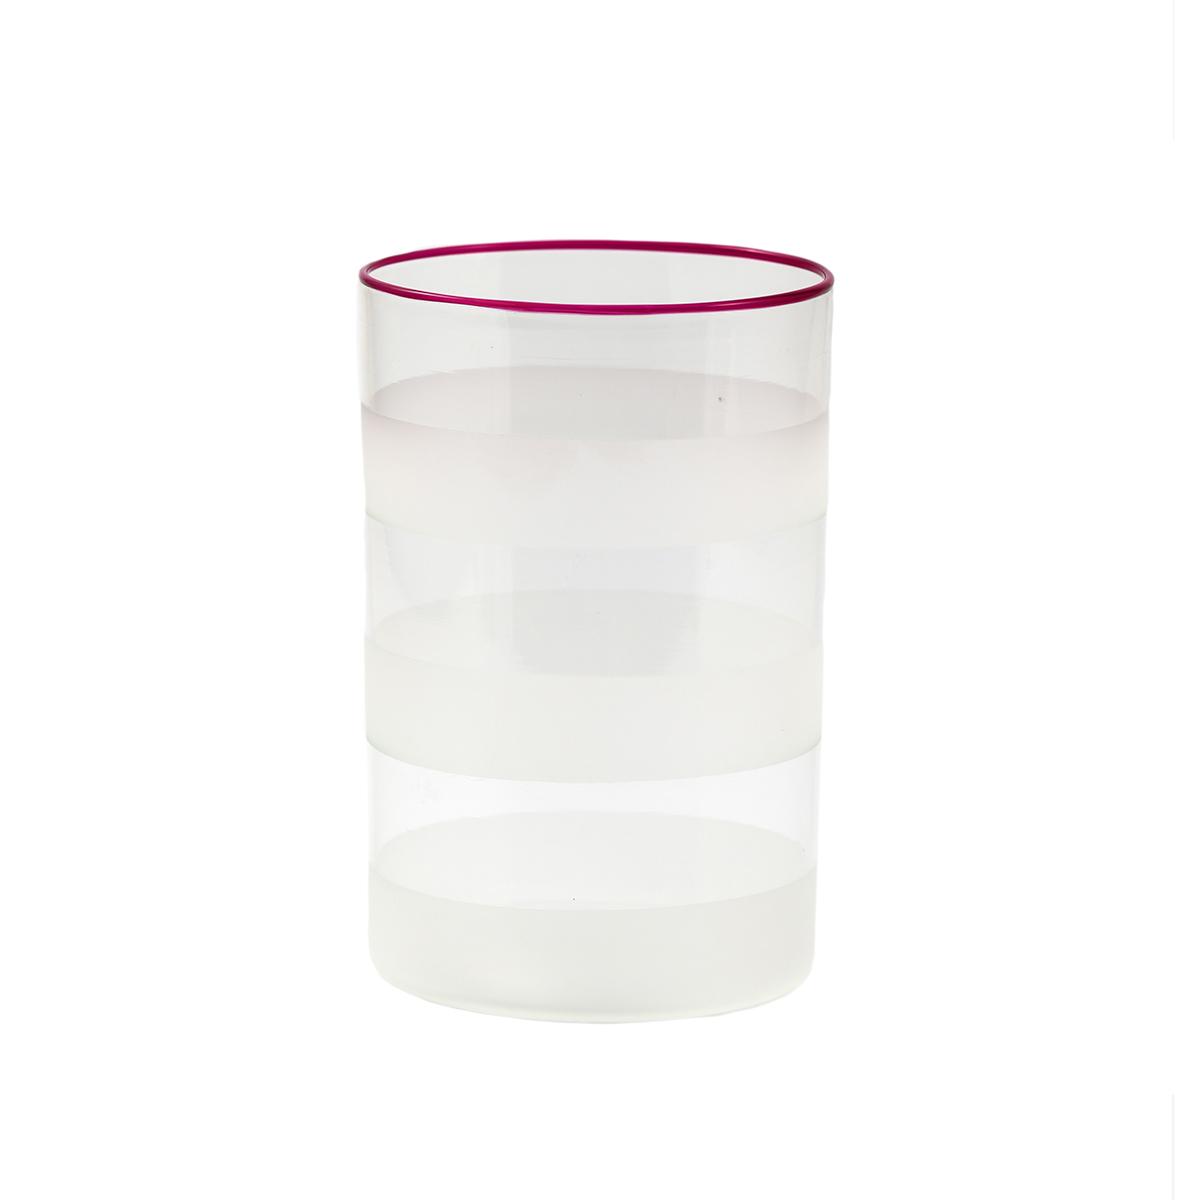 strica_water_horizontal_lines_glass_murano_design_giberto_handmade_venice